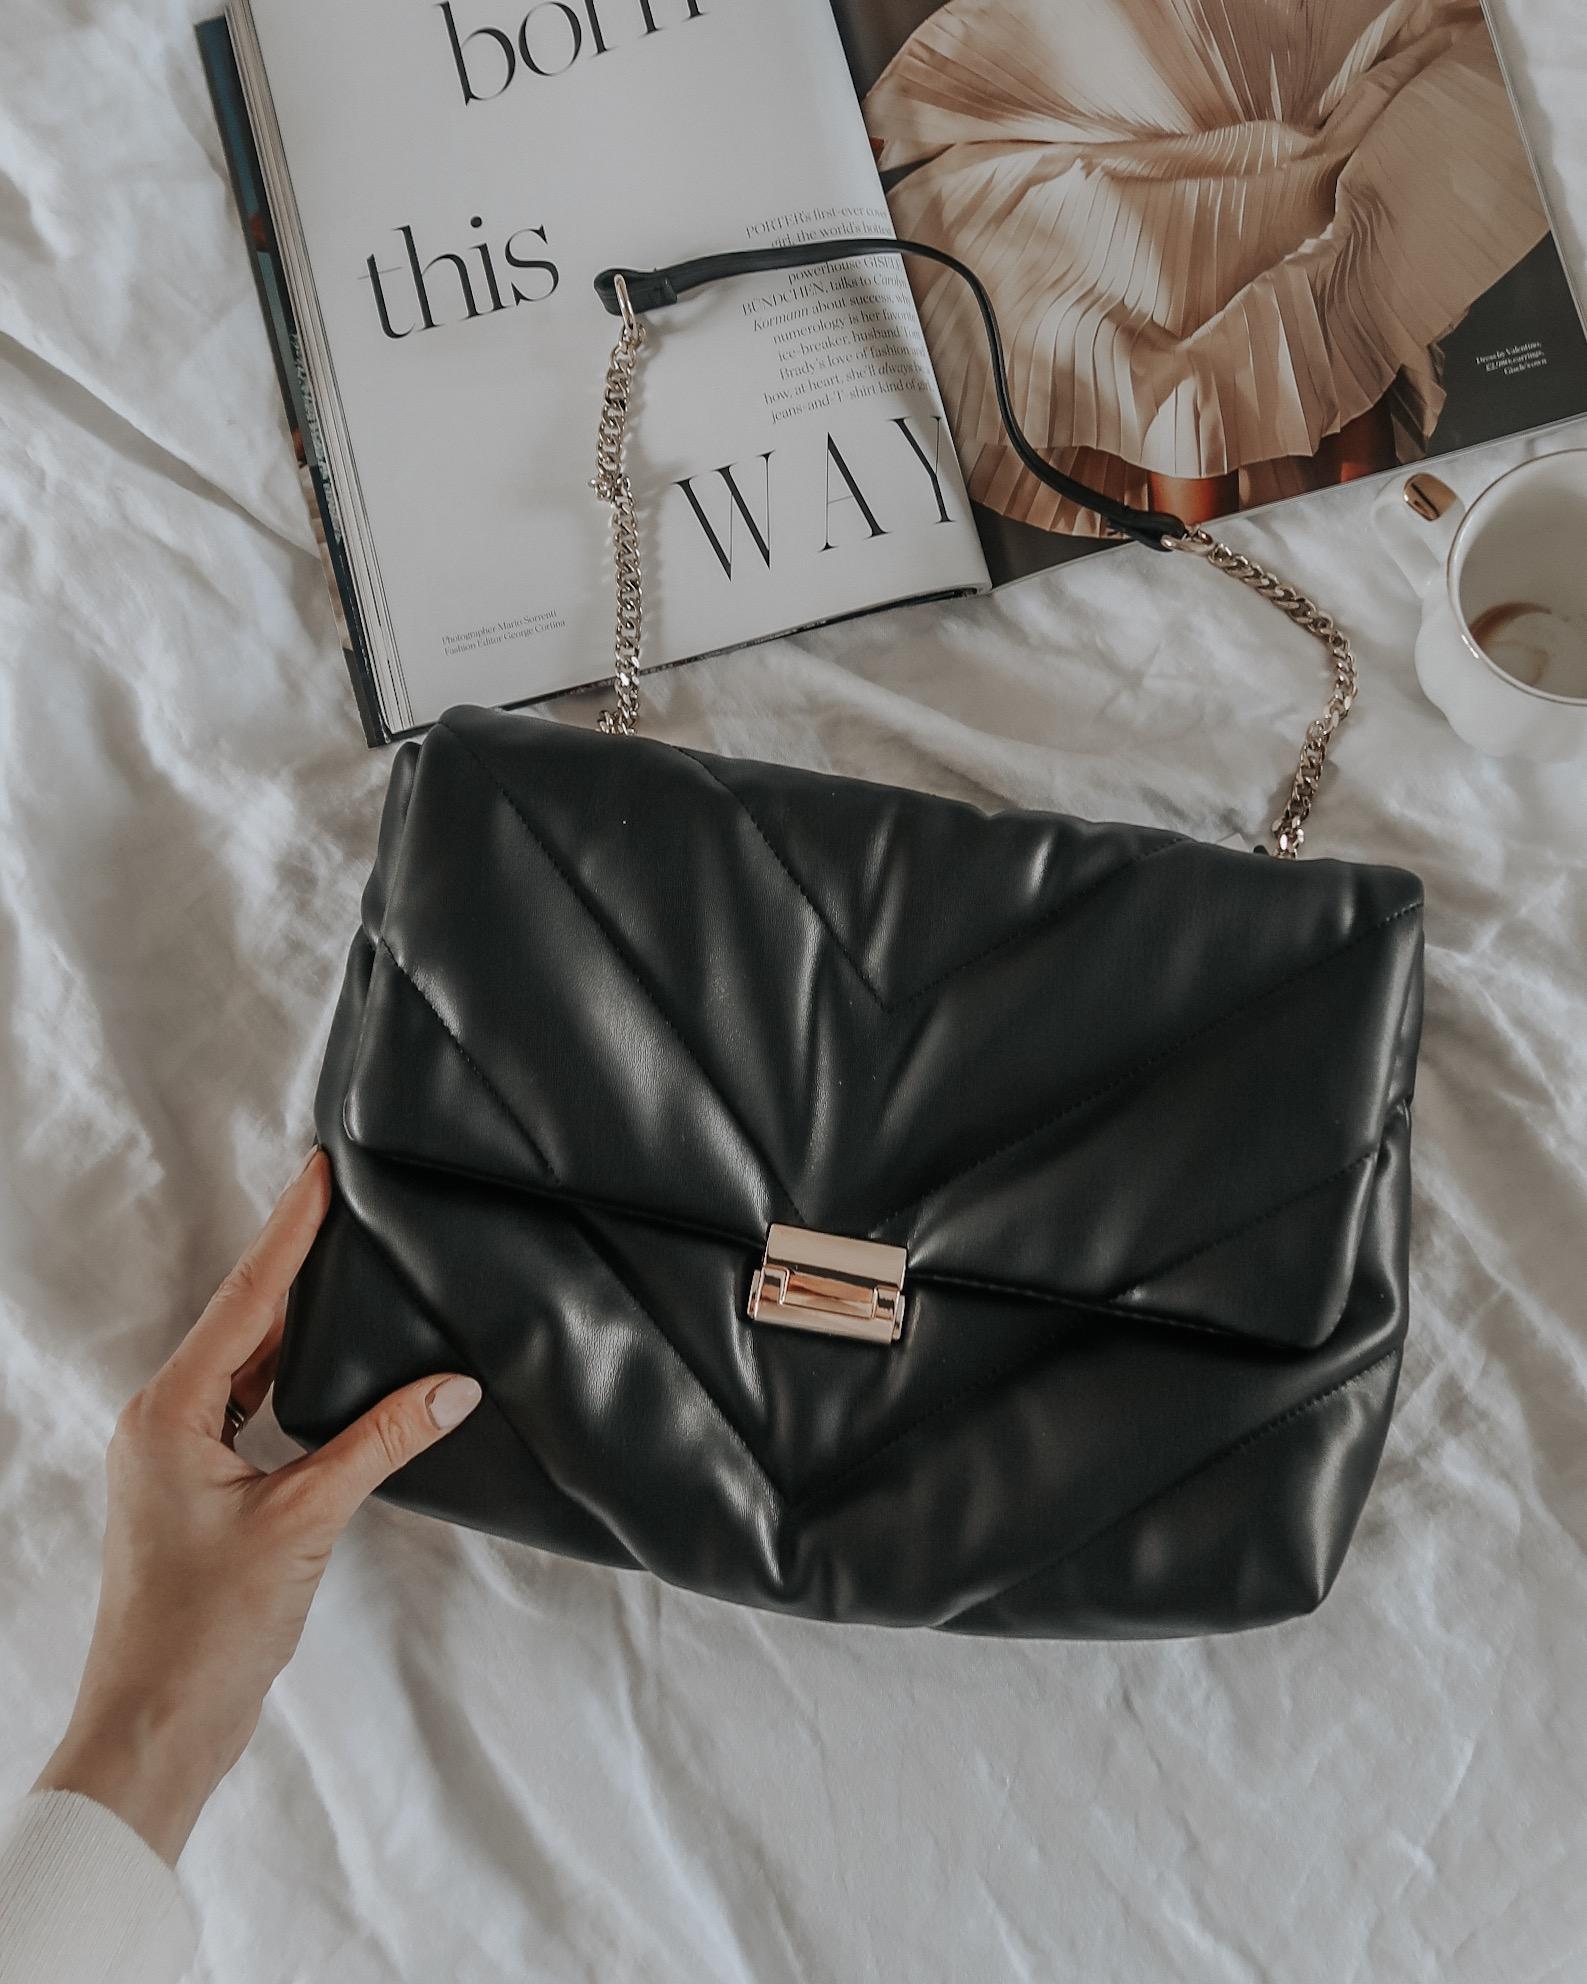 Designer Dupes - Chanel 19 Bag Dupe